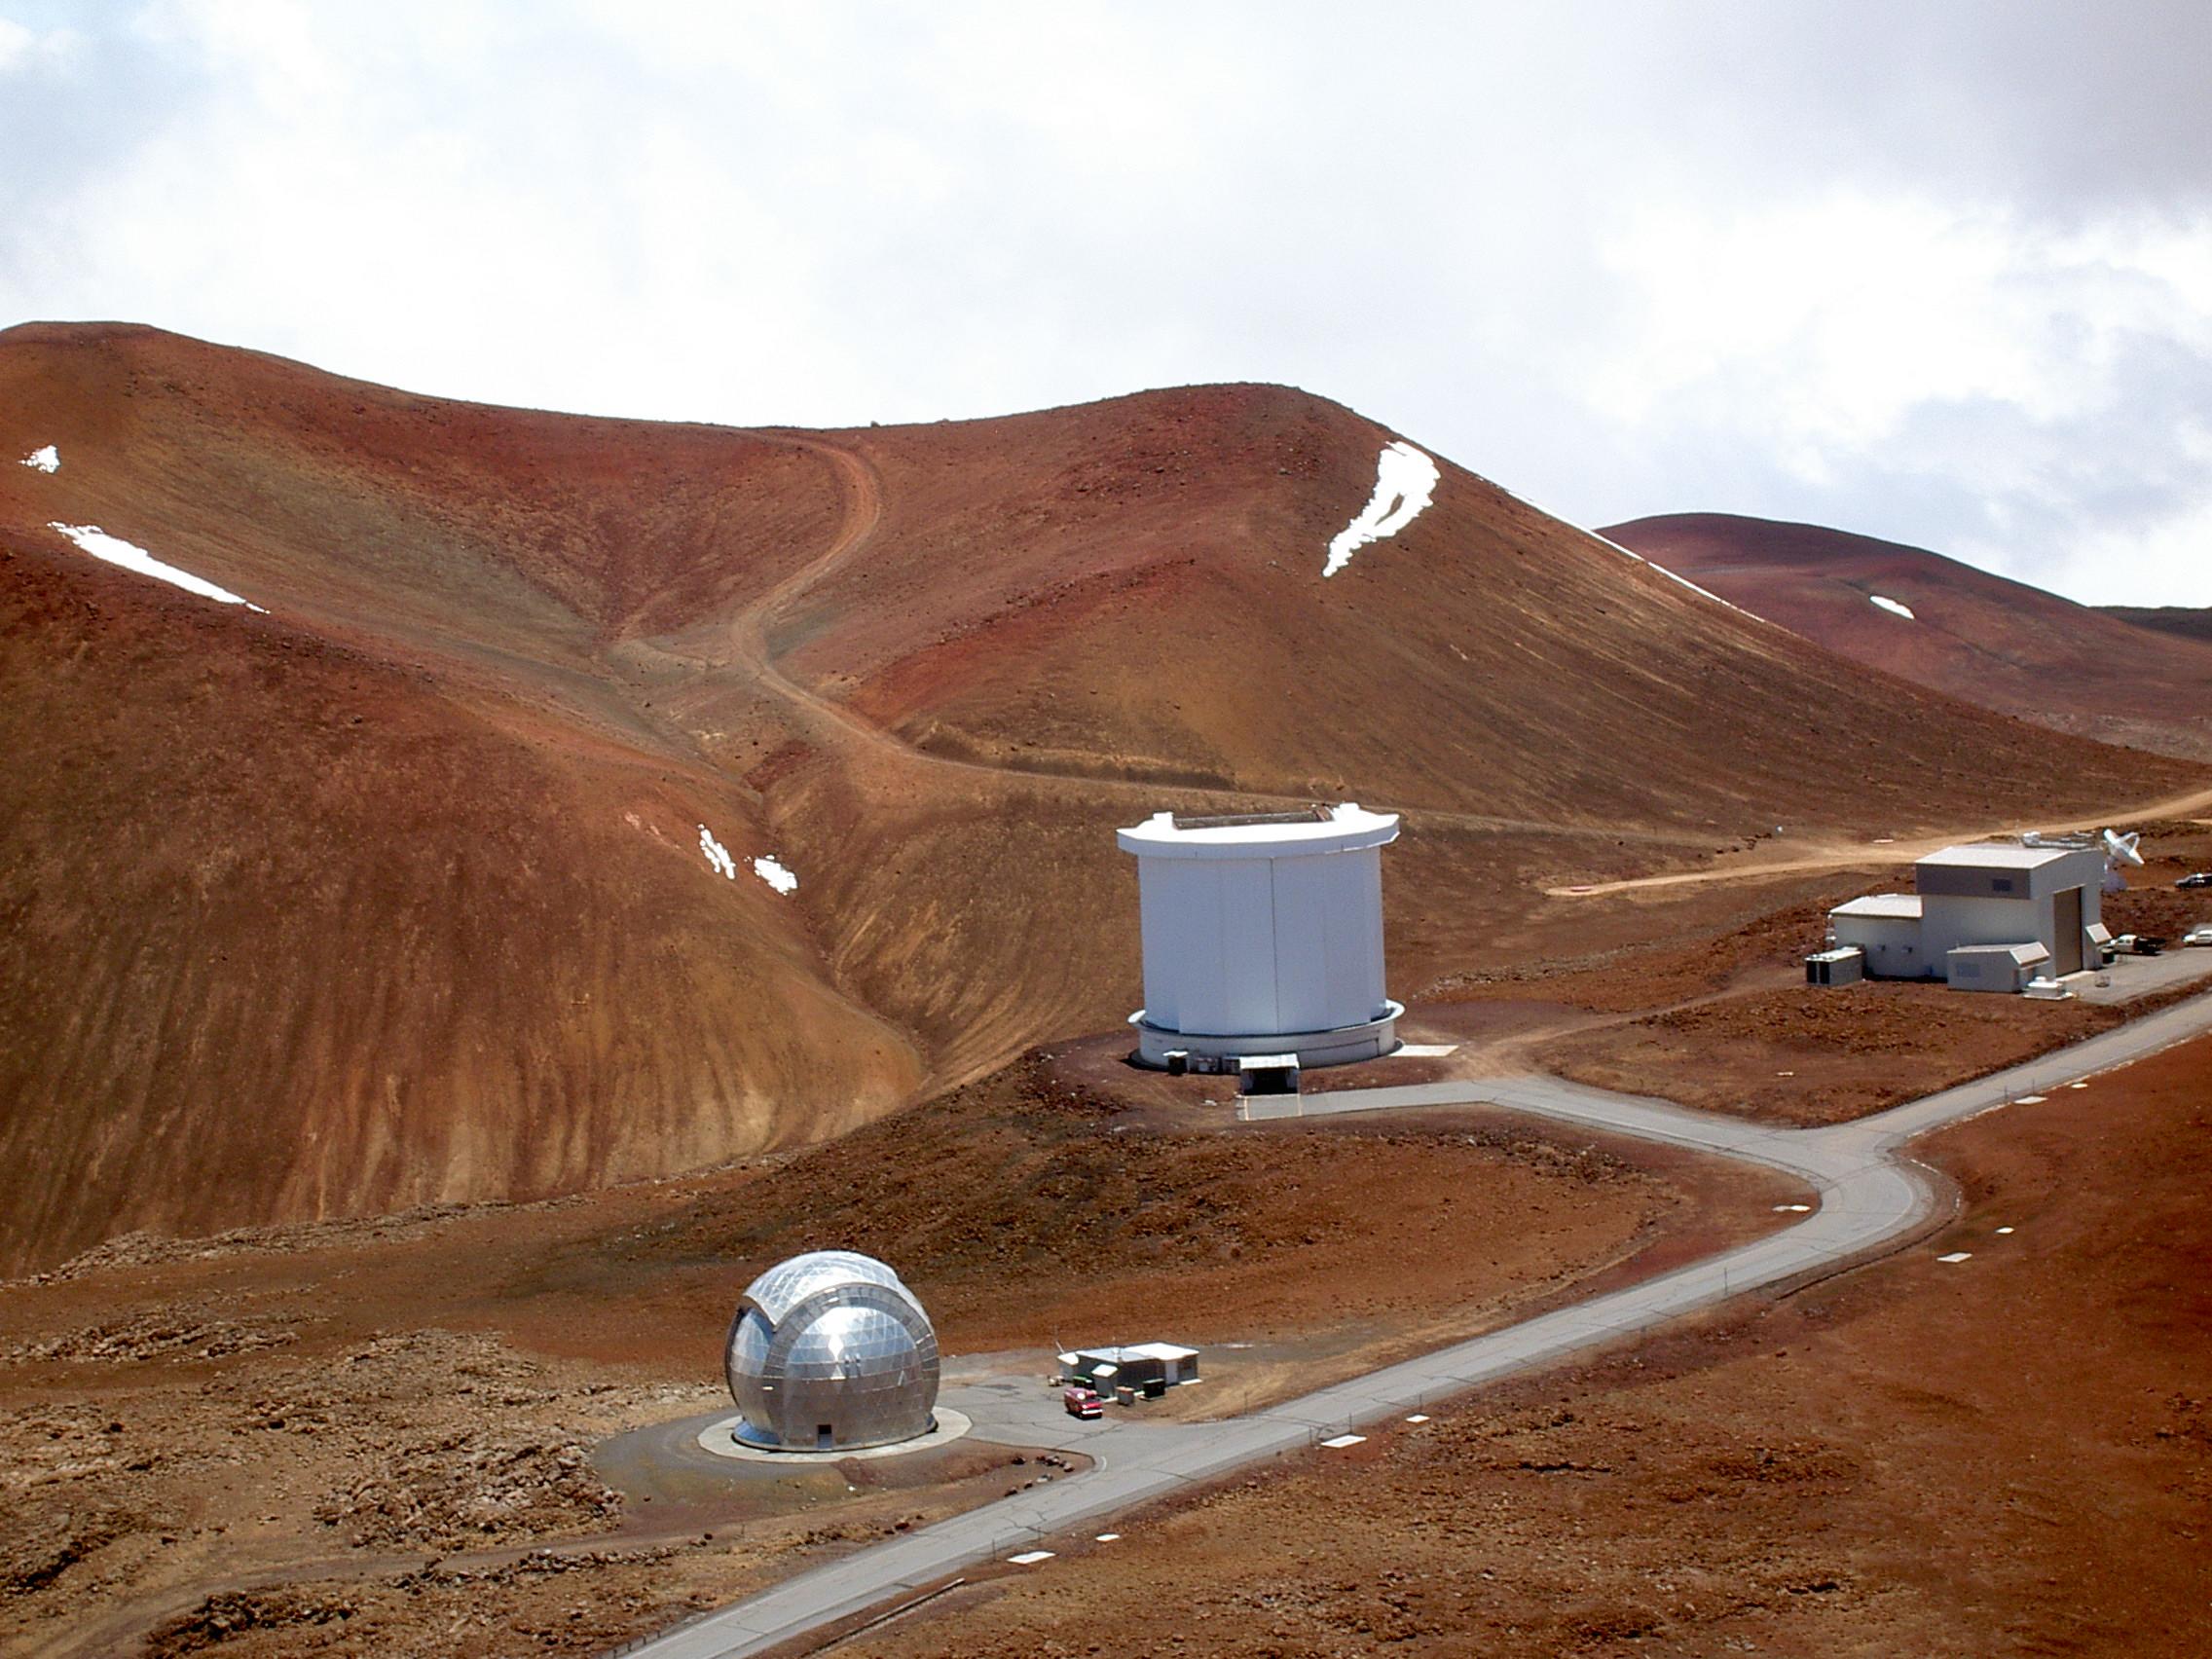 Mauna Kea-Observatoriet